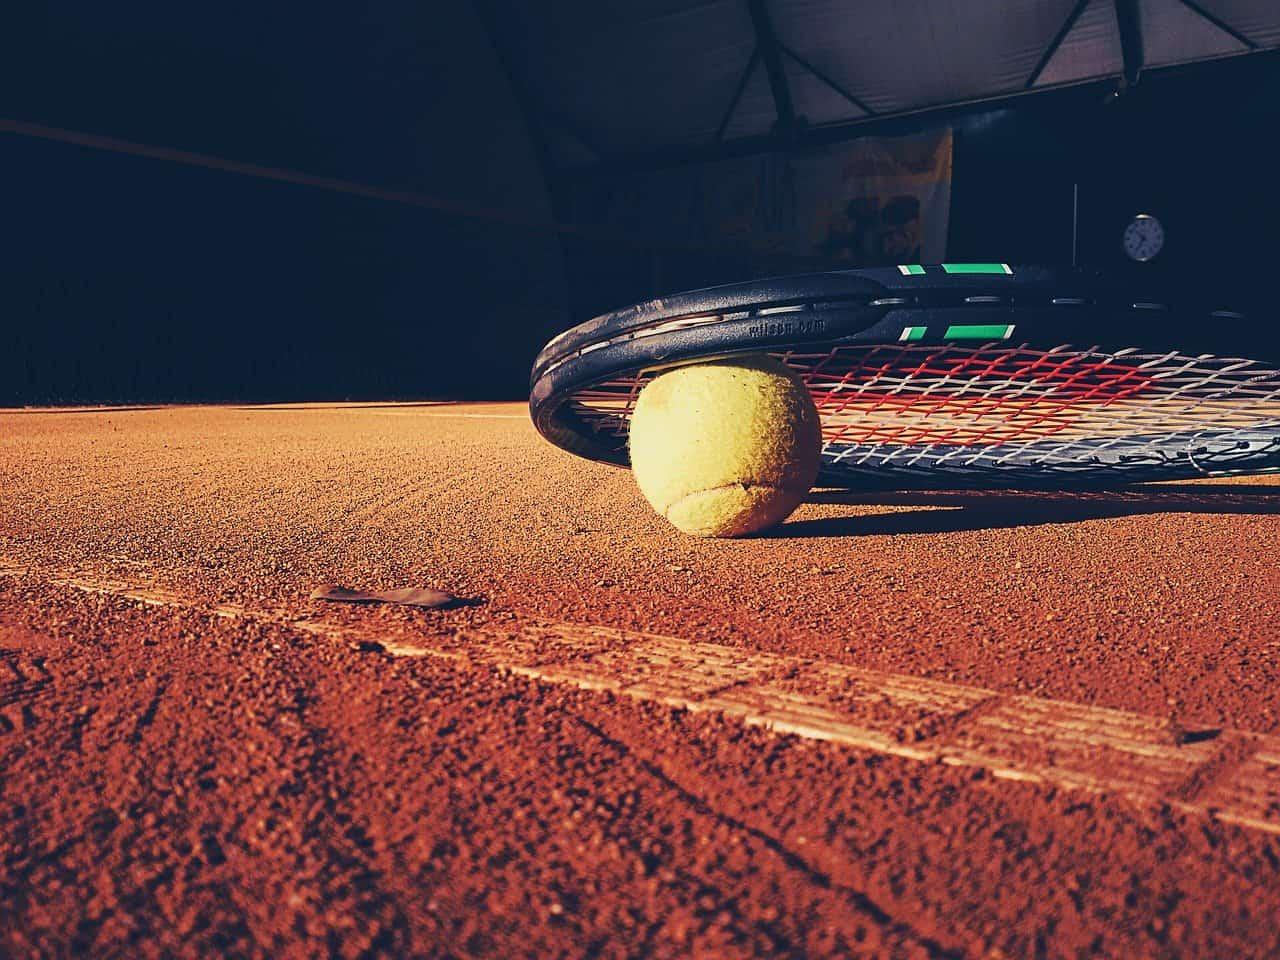 Racchette da Tennis: le differenze principali tra i vari modelli